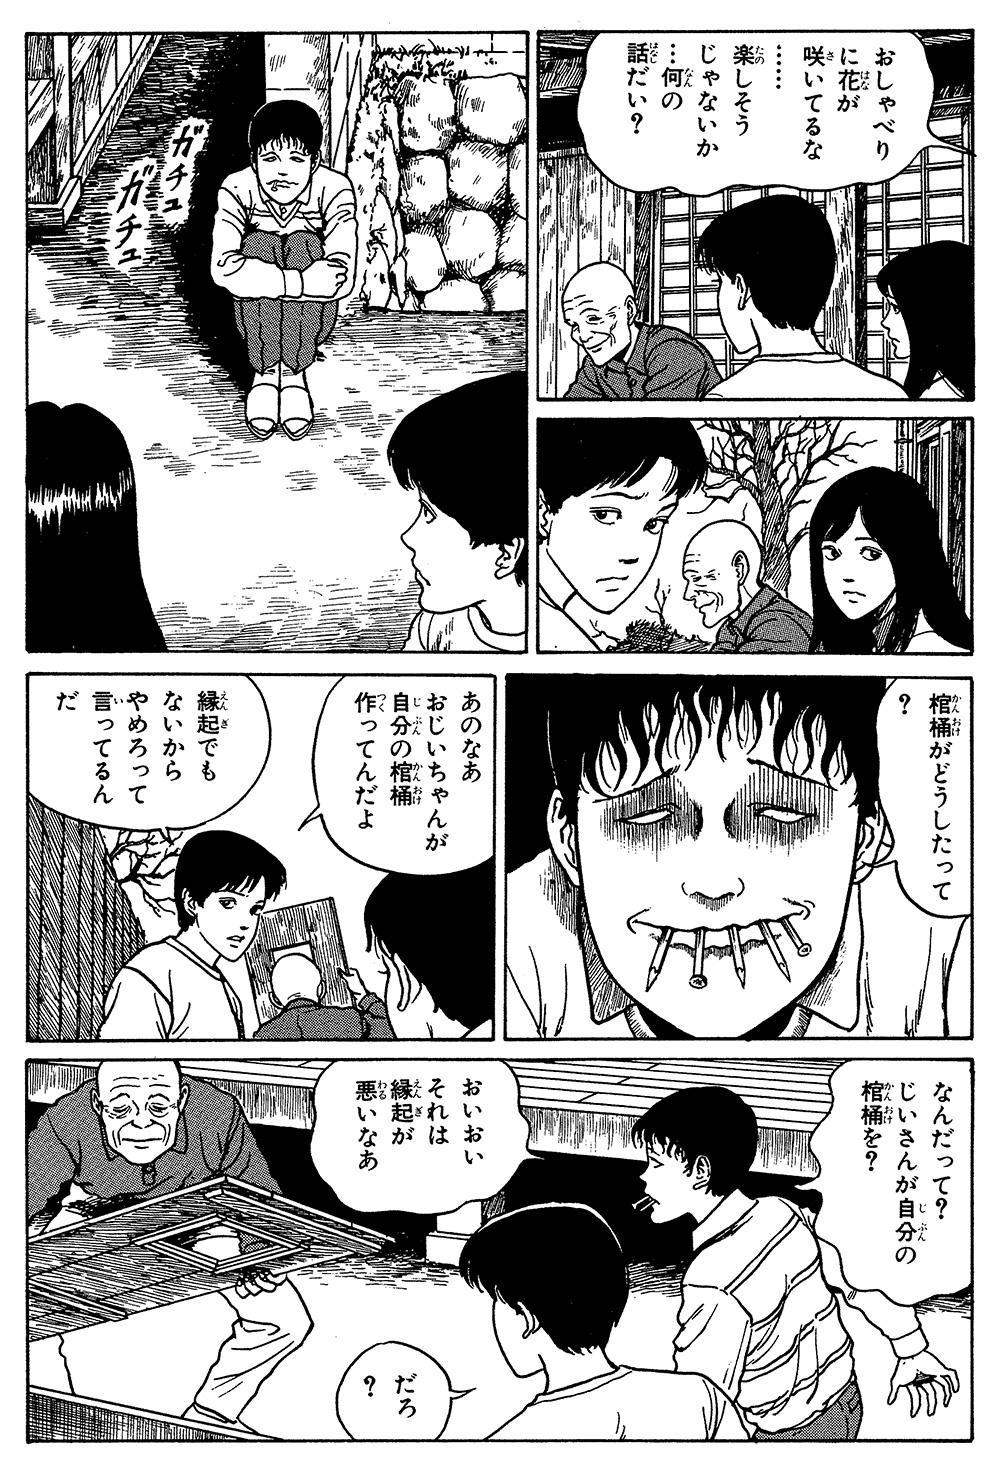 伊藤潤二傑作集「棺桶」①kanoke01-09.jpg